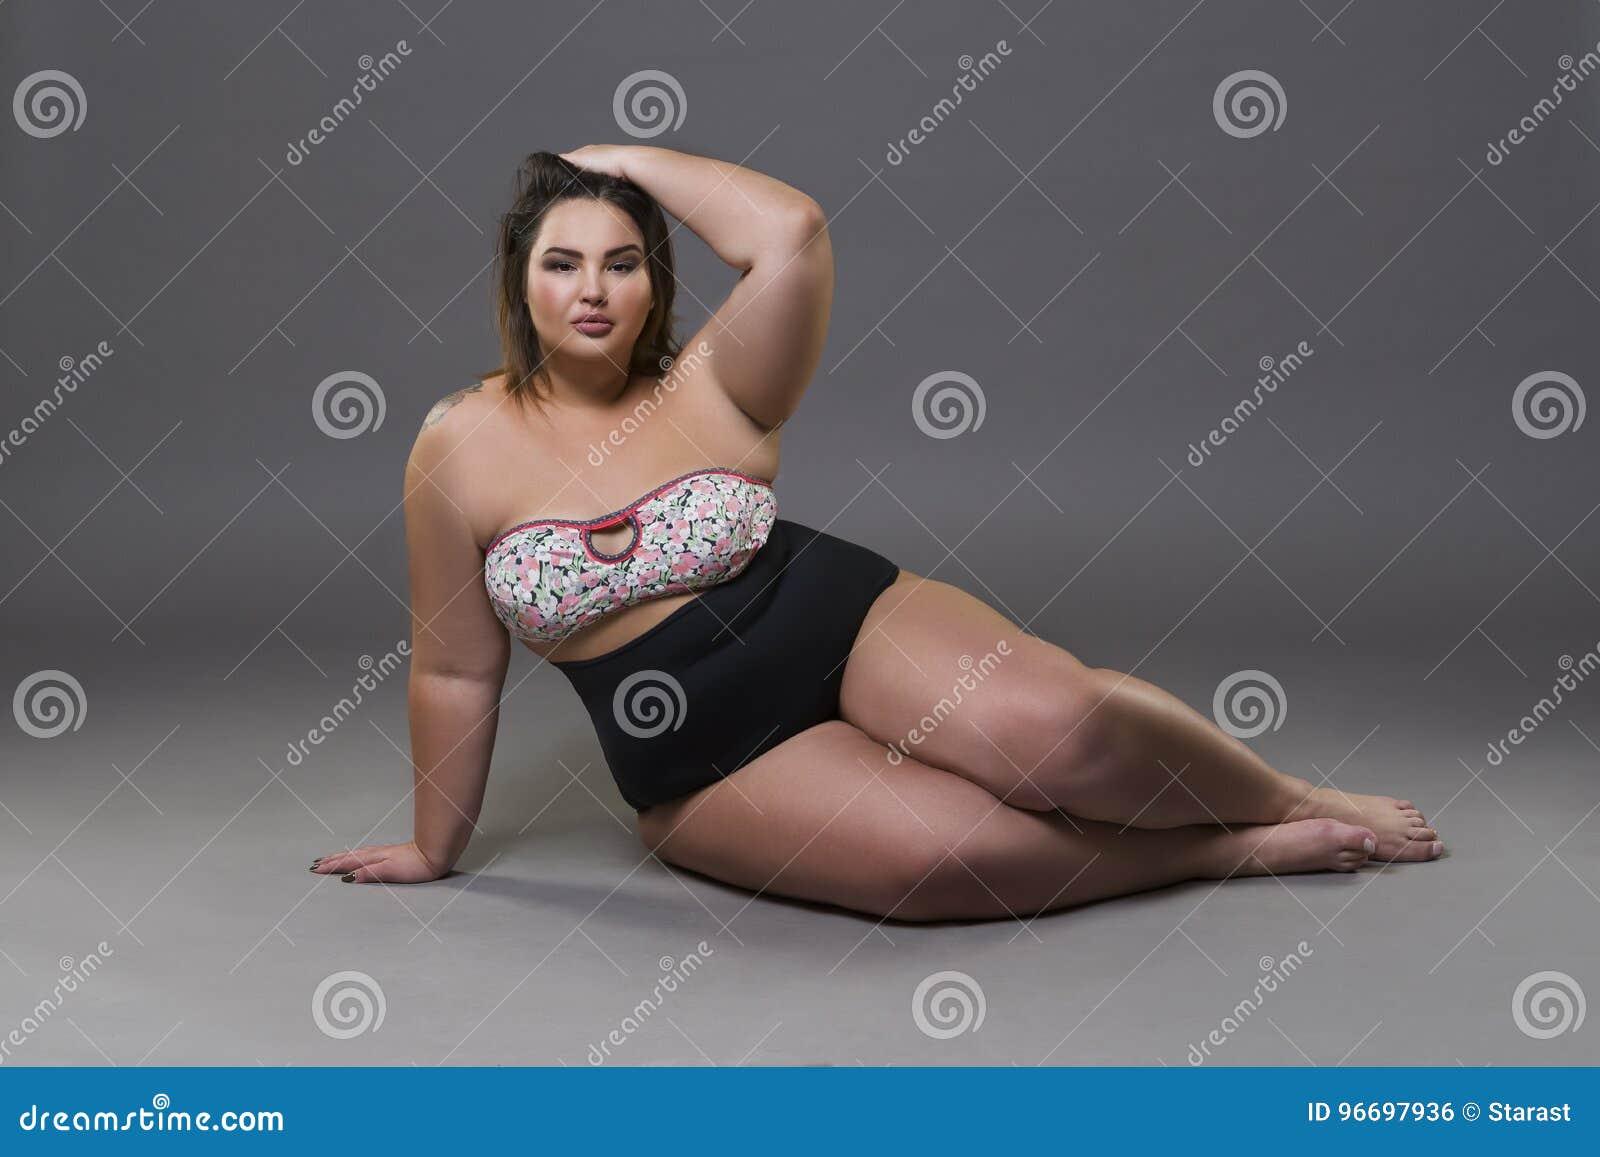 Grosse Femme Sexy Photo mannequin plus de taille dans le maillot de bain sexy, jeune grosse